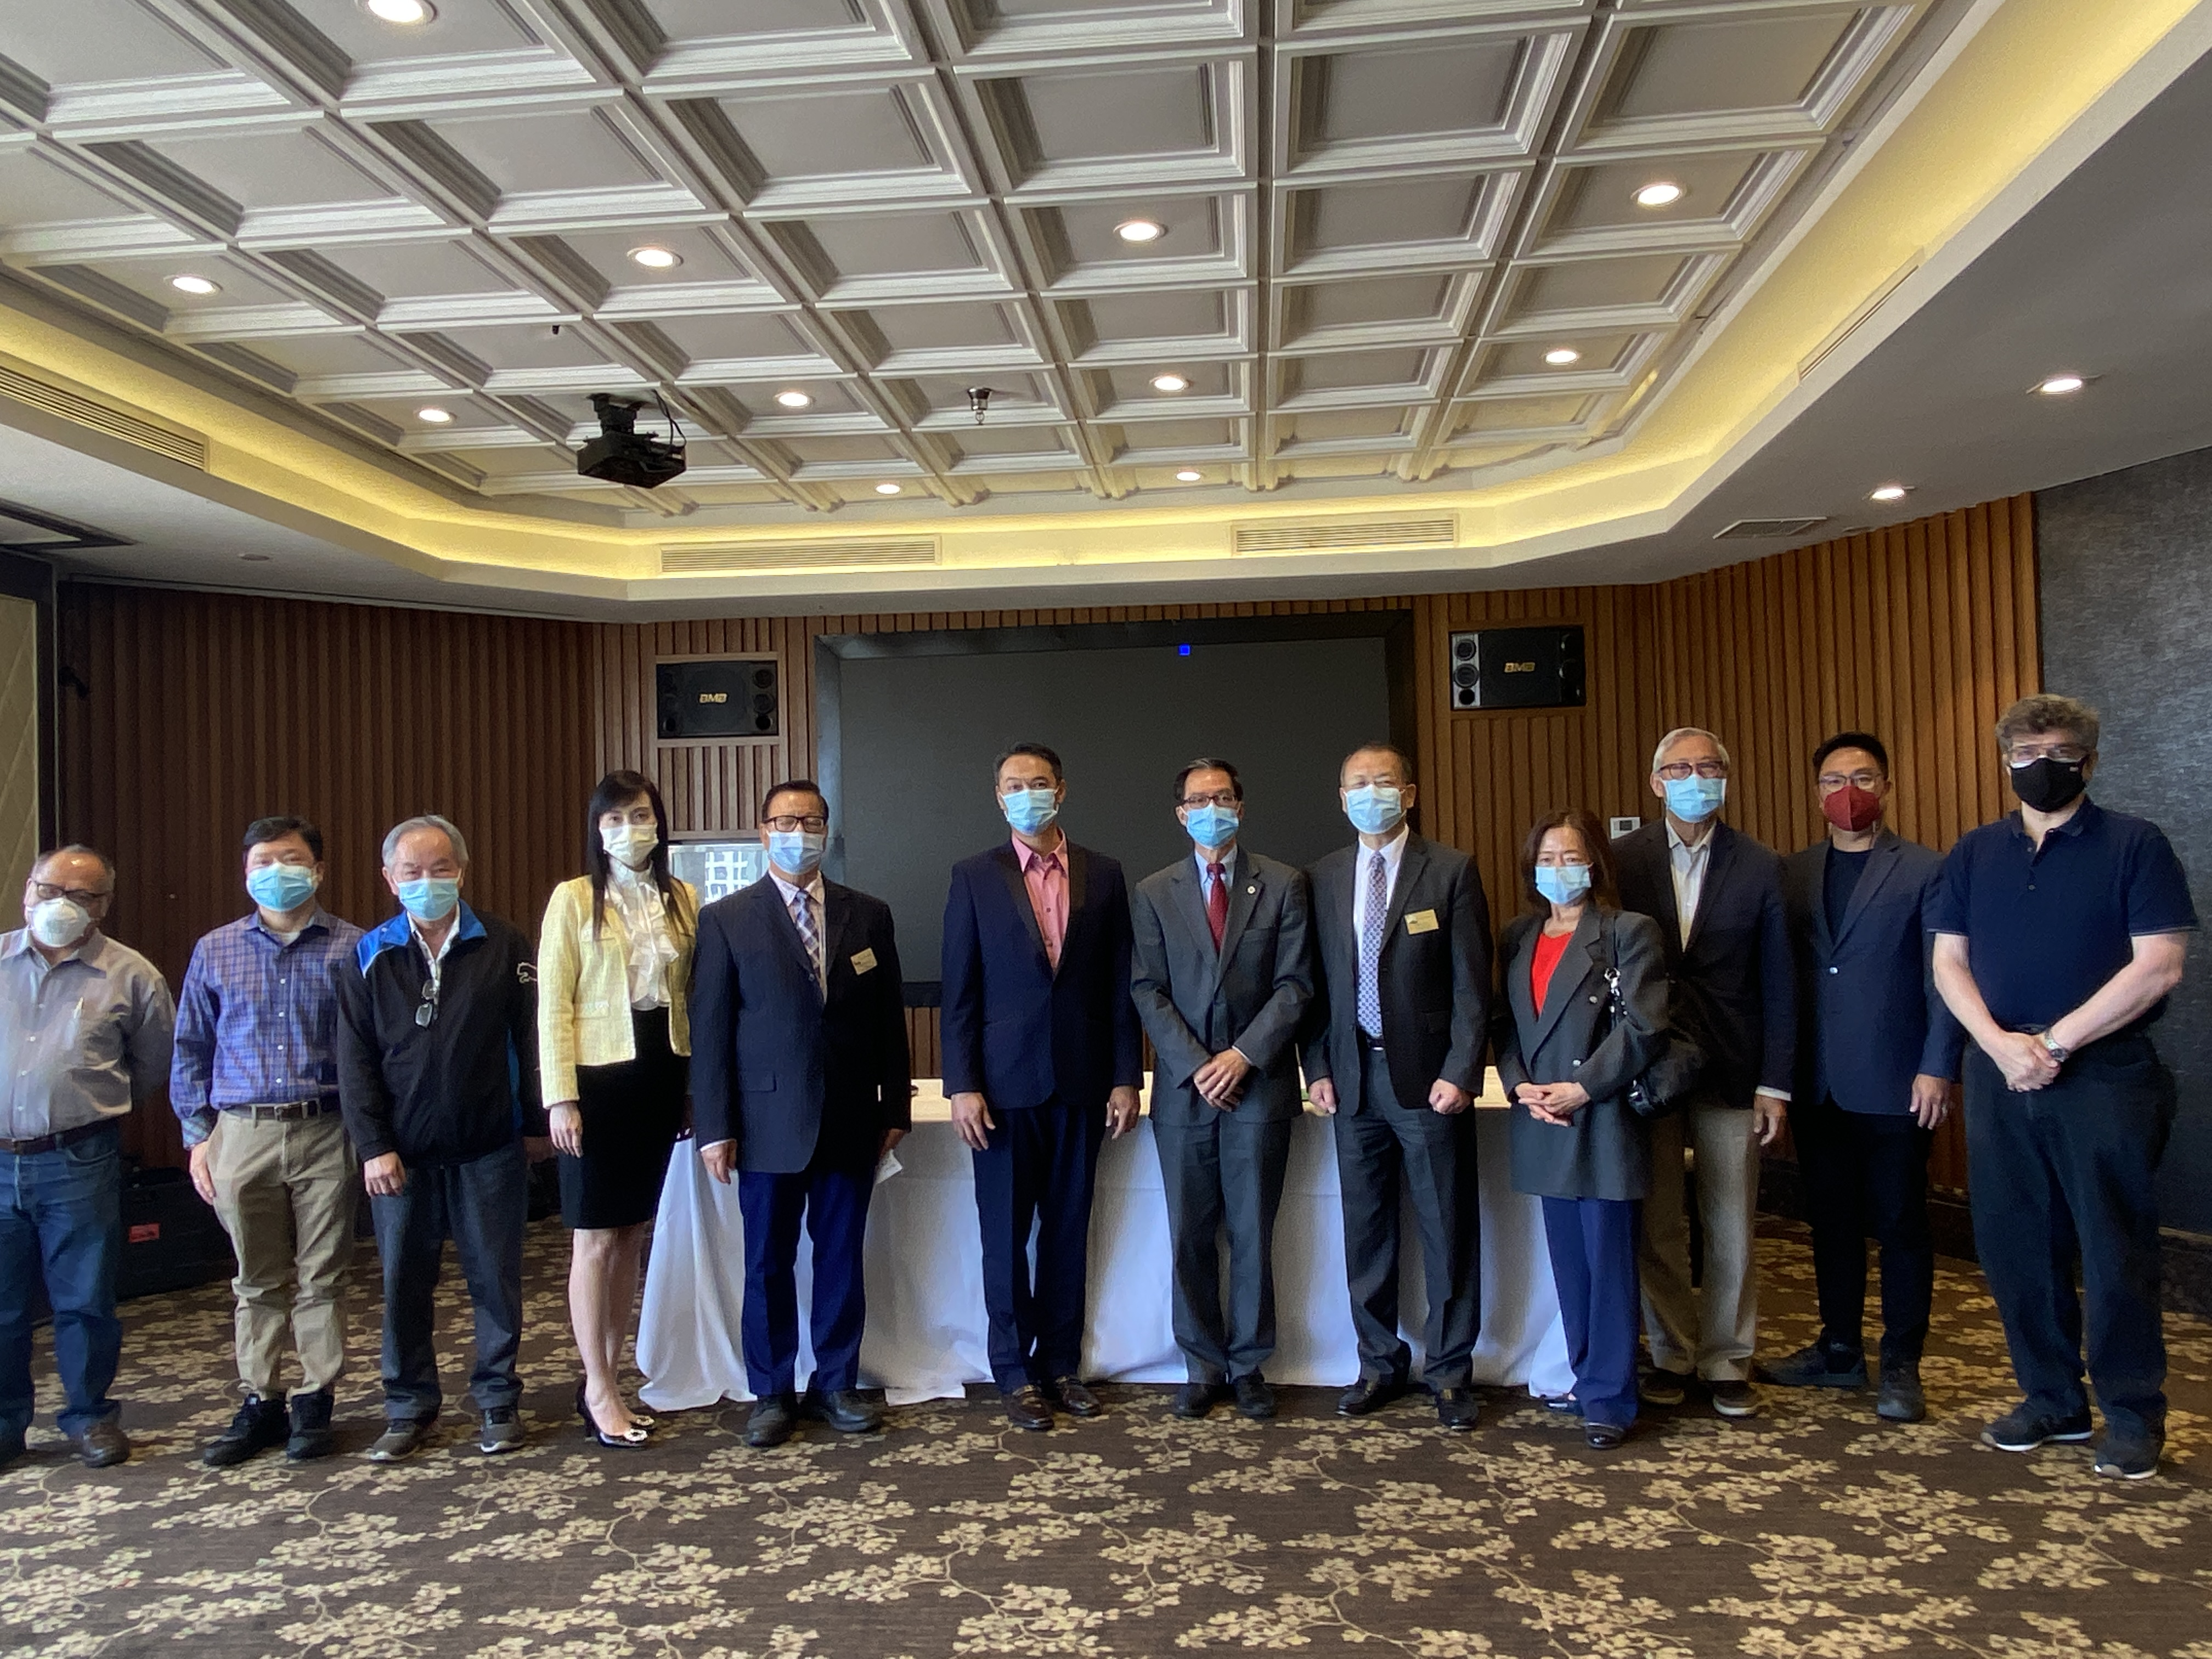 加州眾議員周本立(左七)與社區民選官員及商家代表合影。記者隋懿軒攝